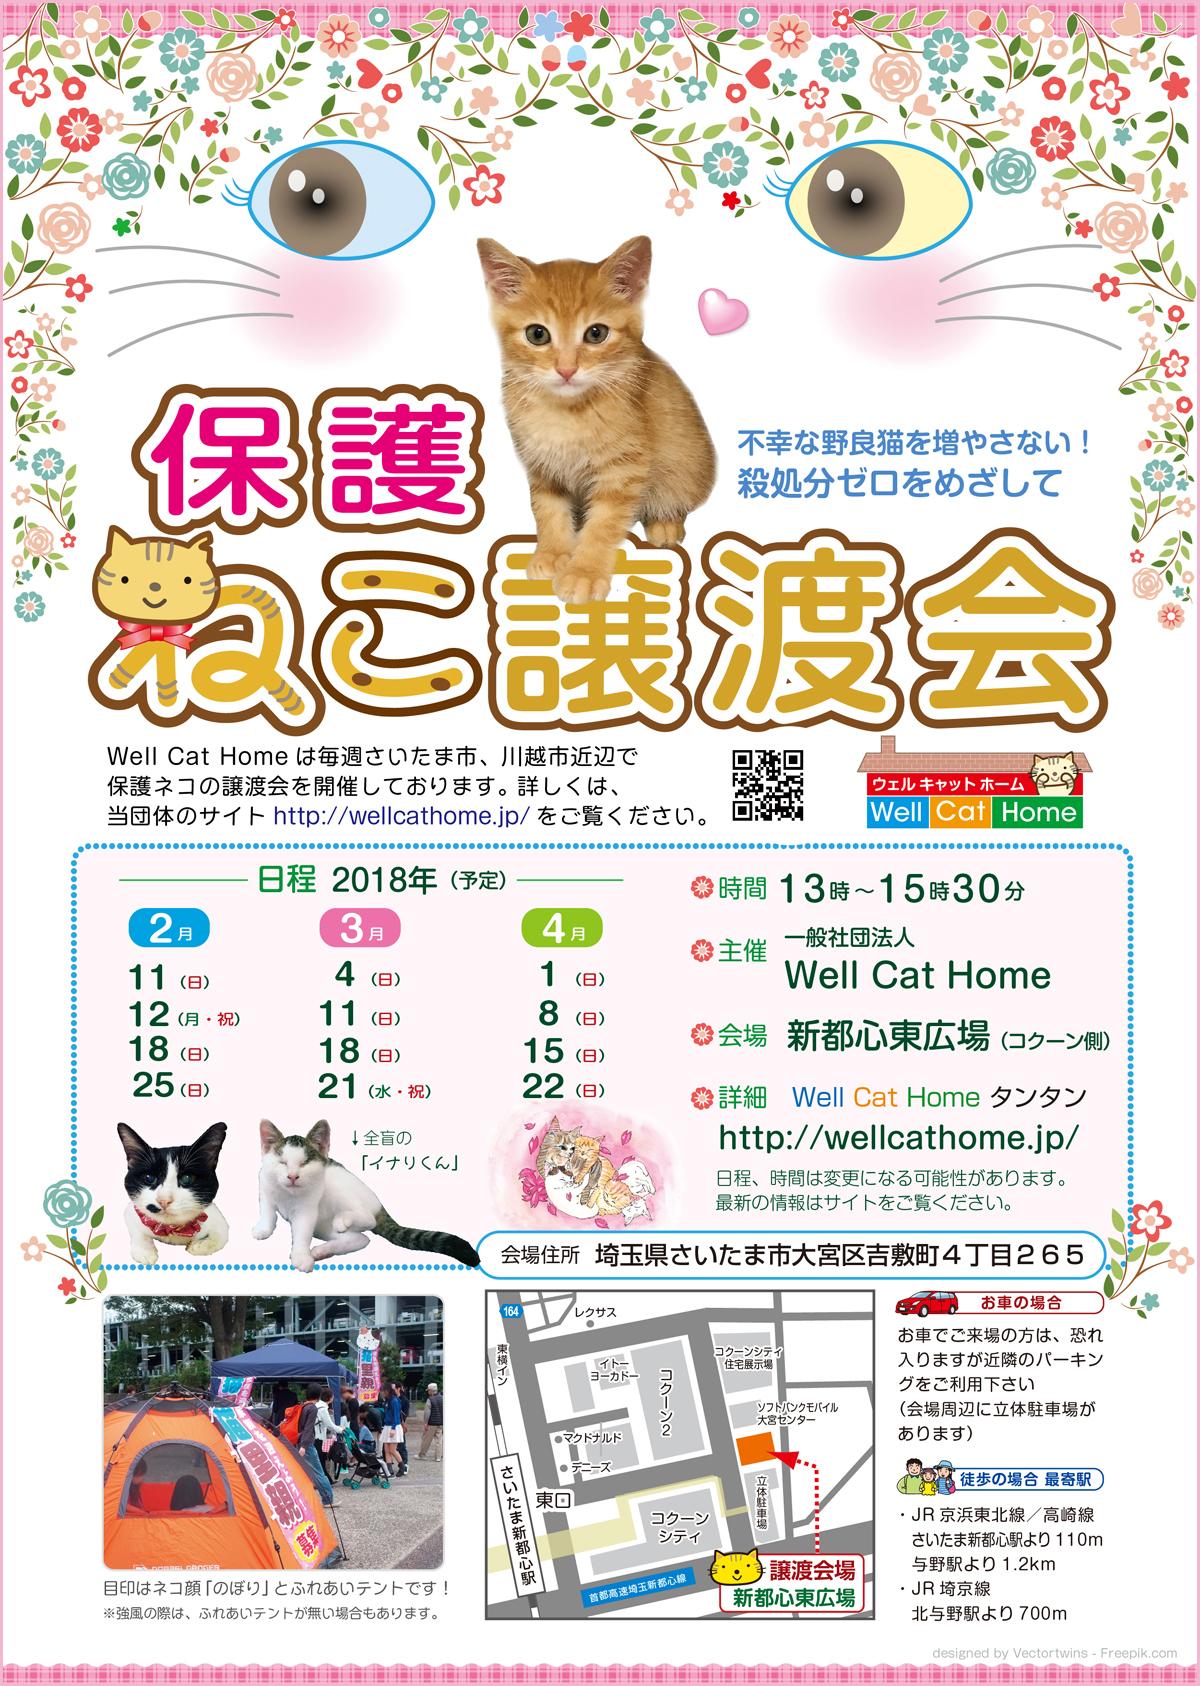 shintoshin_higashihiroba2018_02_04.jpg